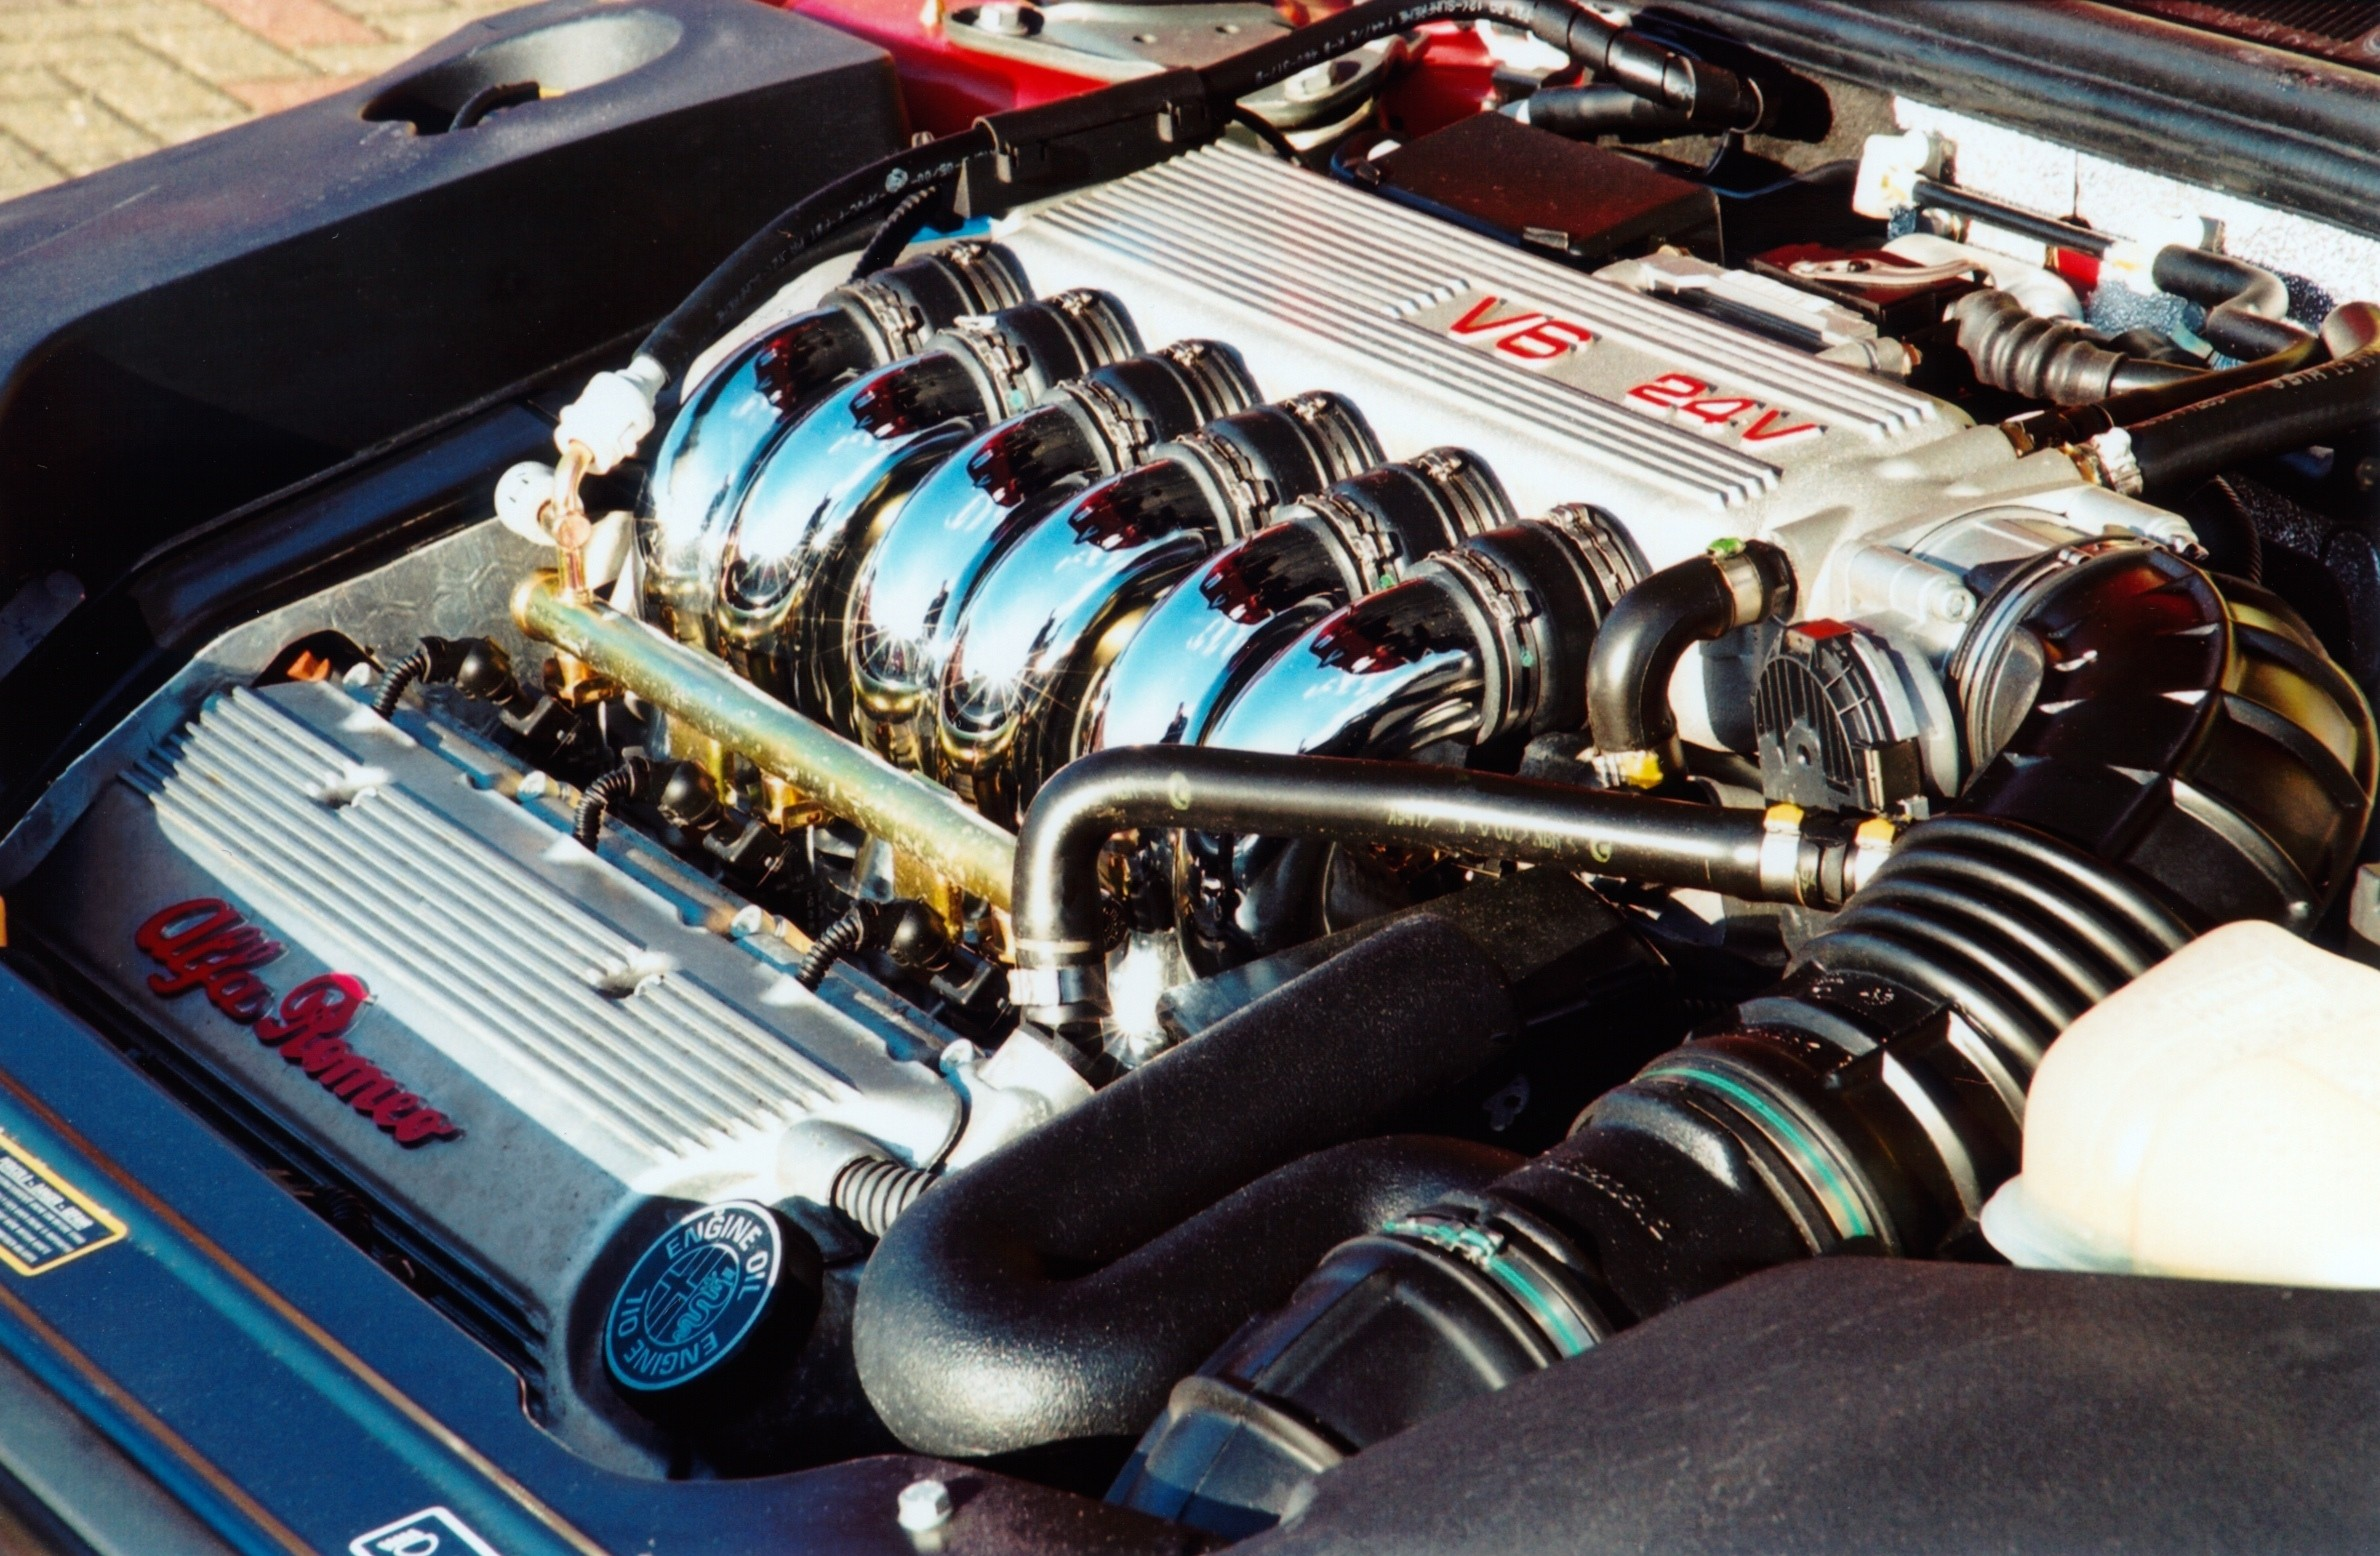 Alfa Romeo Spider 3.0 V6 24v 2001 - Picture 13431